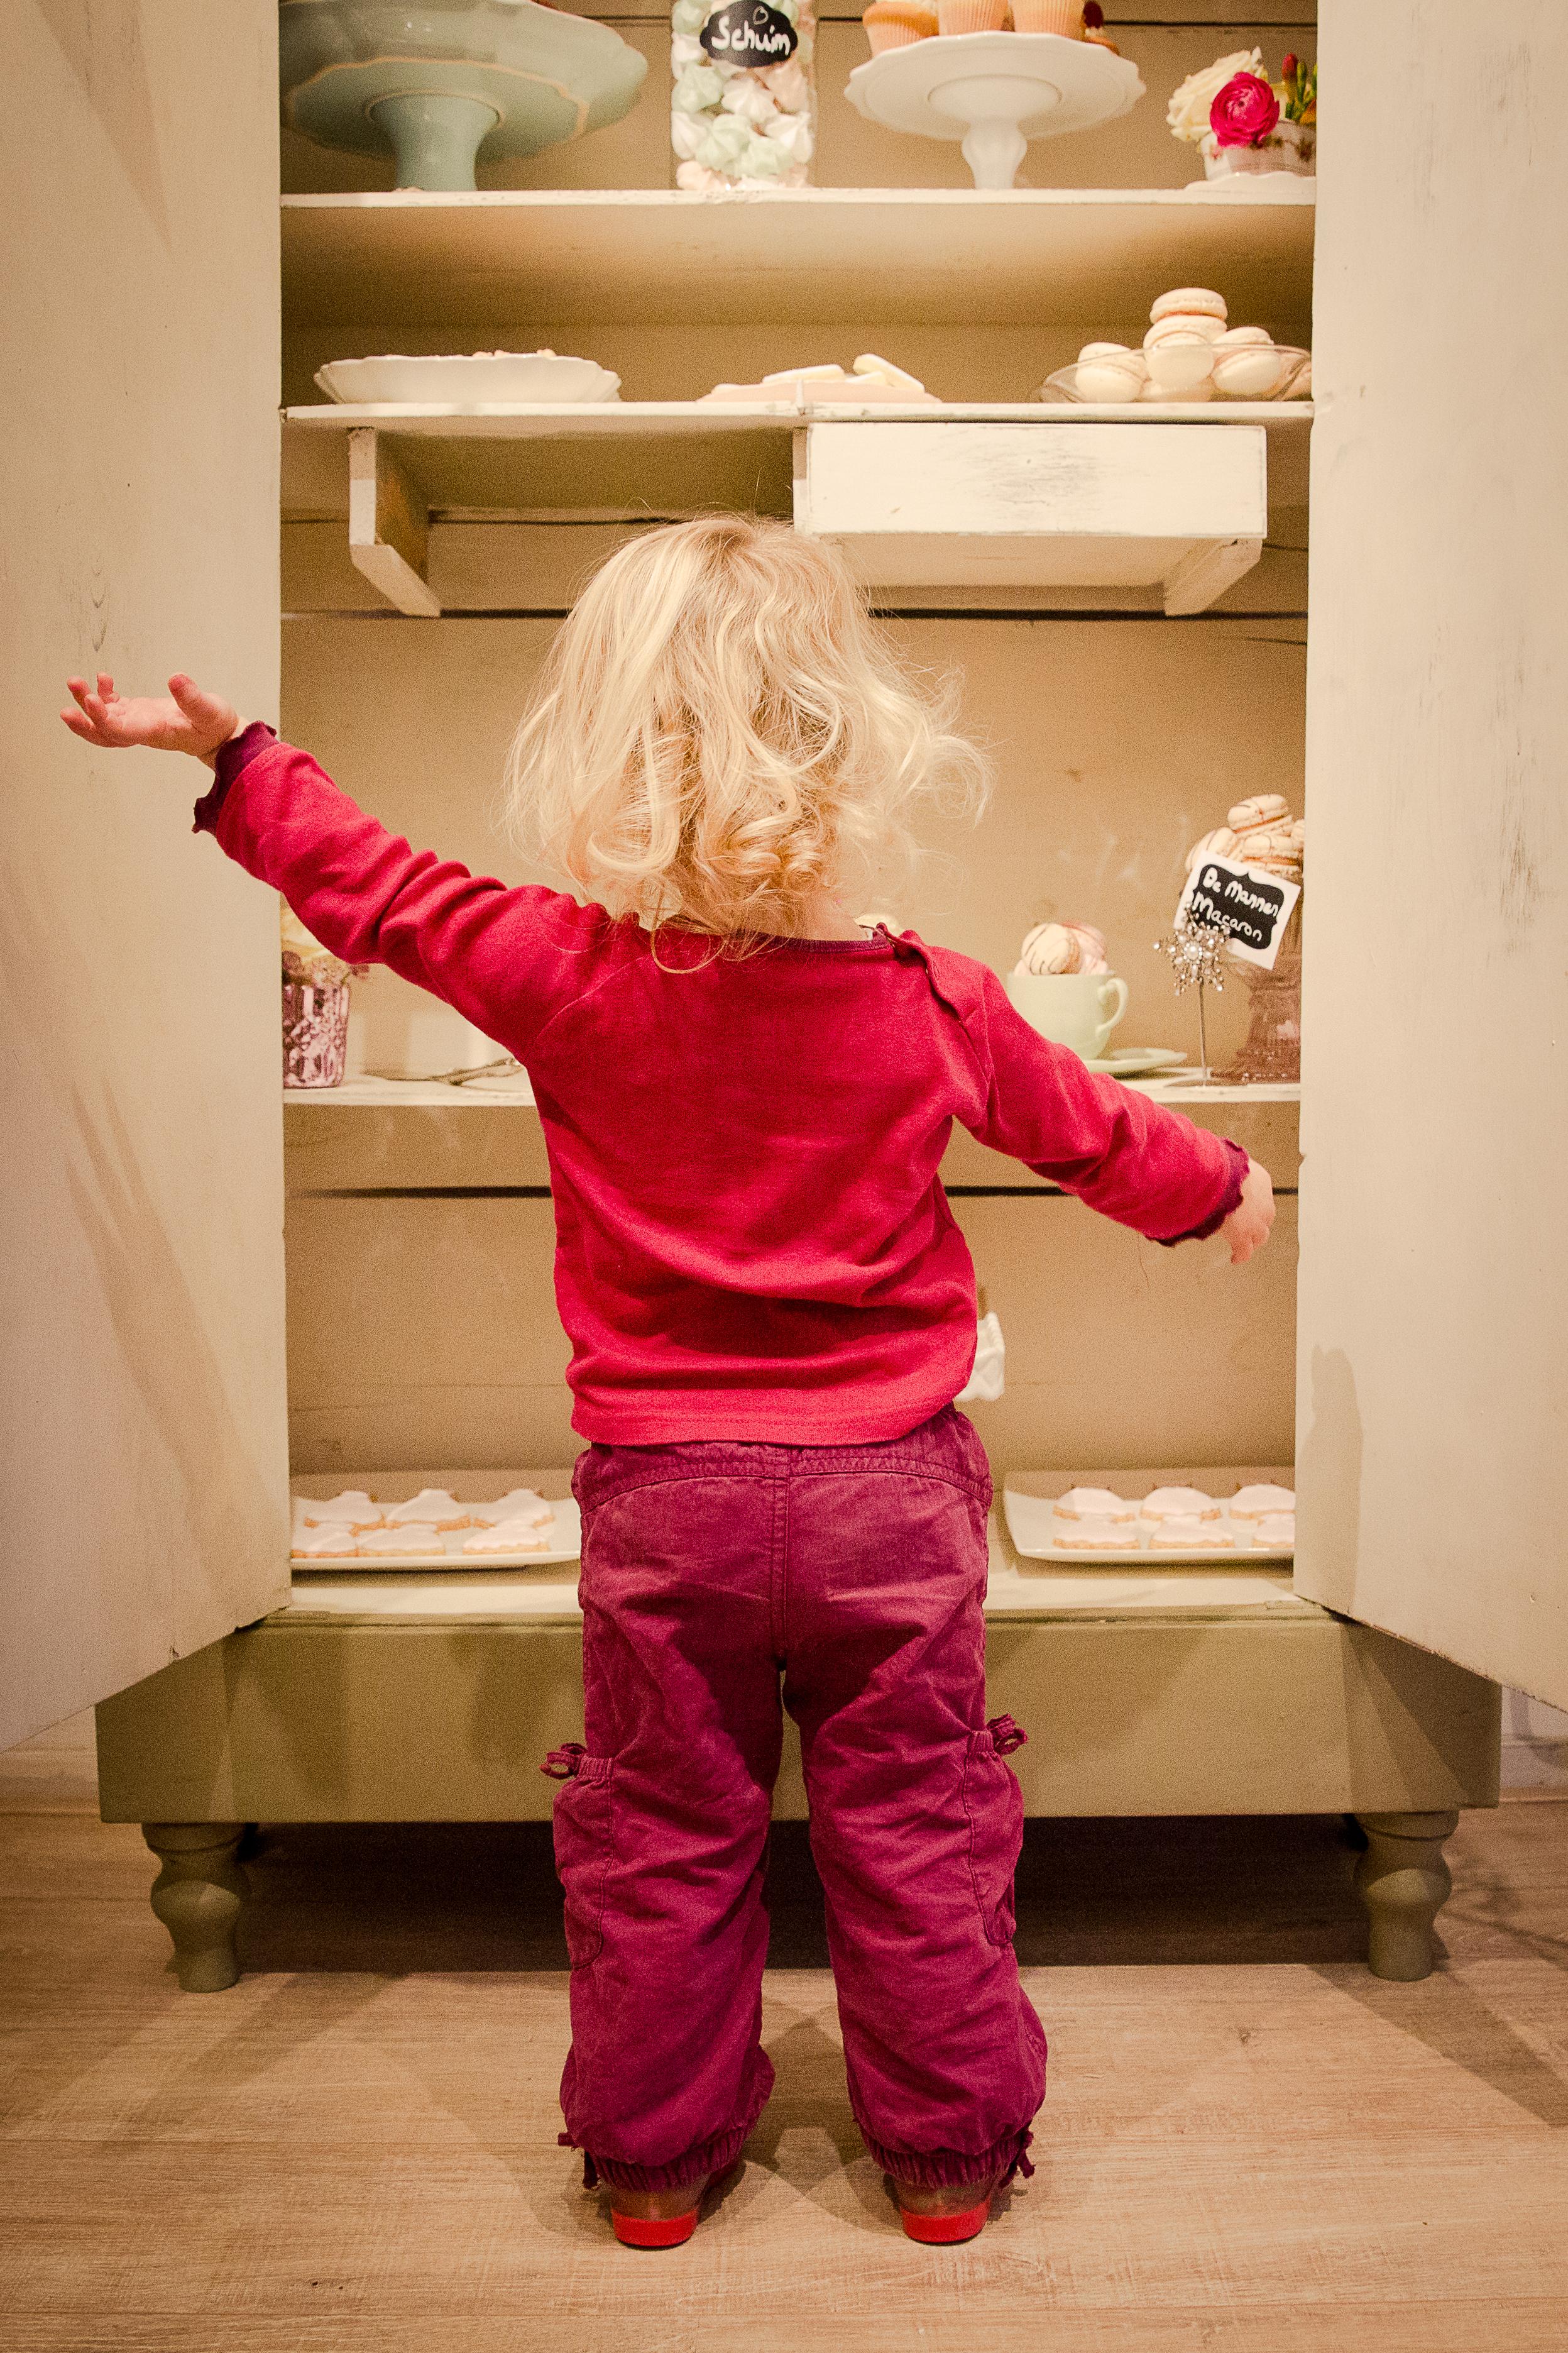 Let's open the closet...